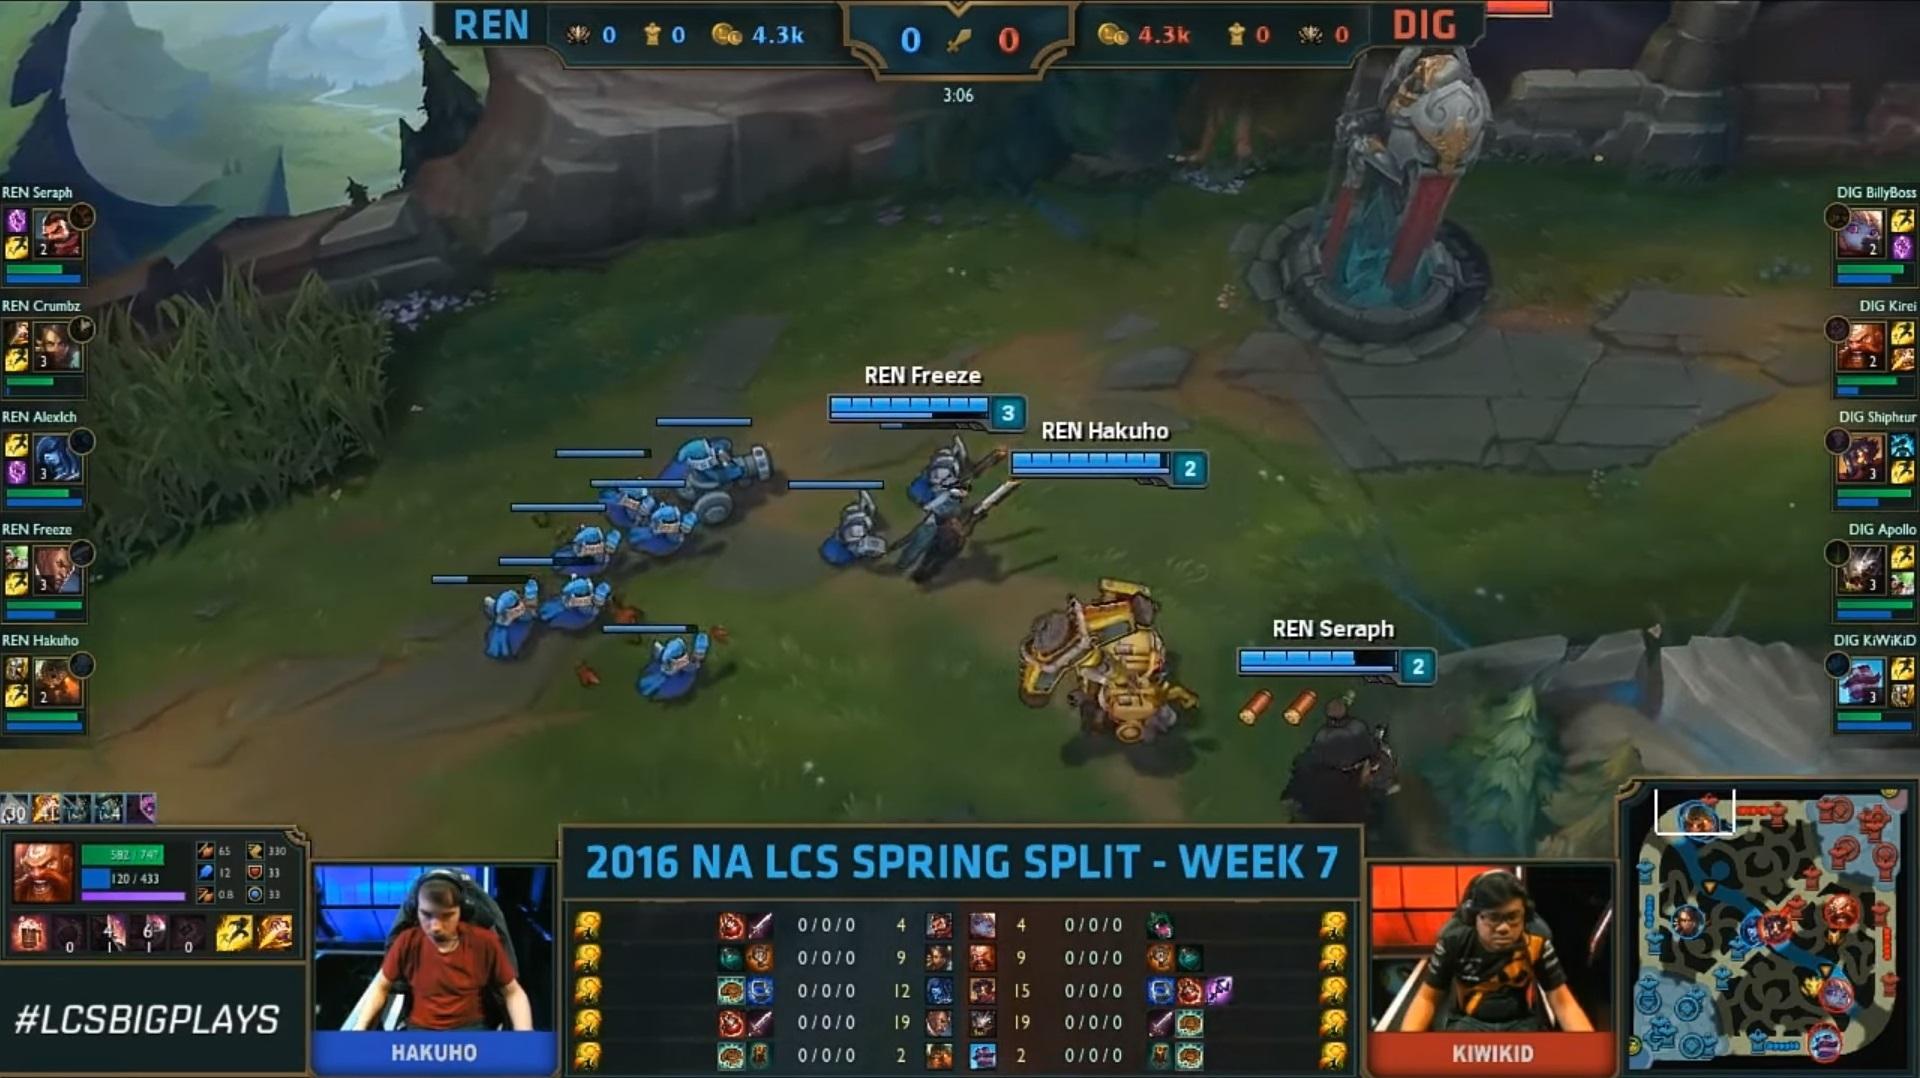 A lane-swap in League of Legends